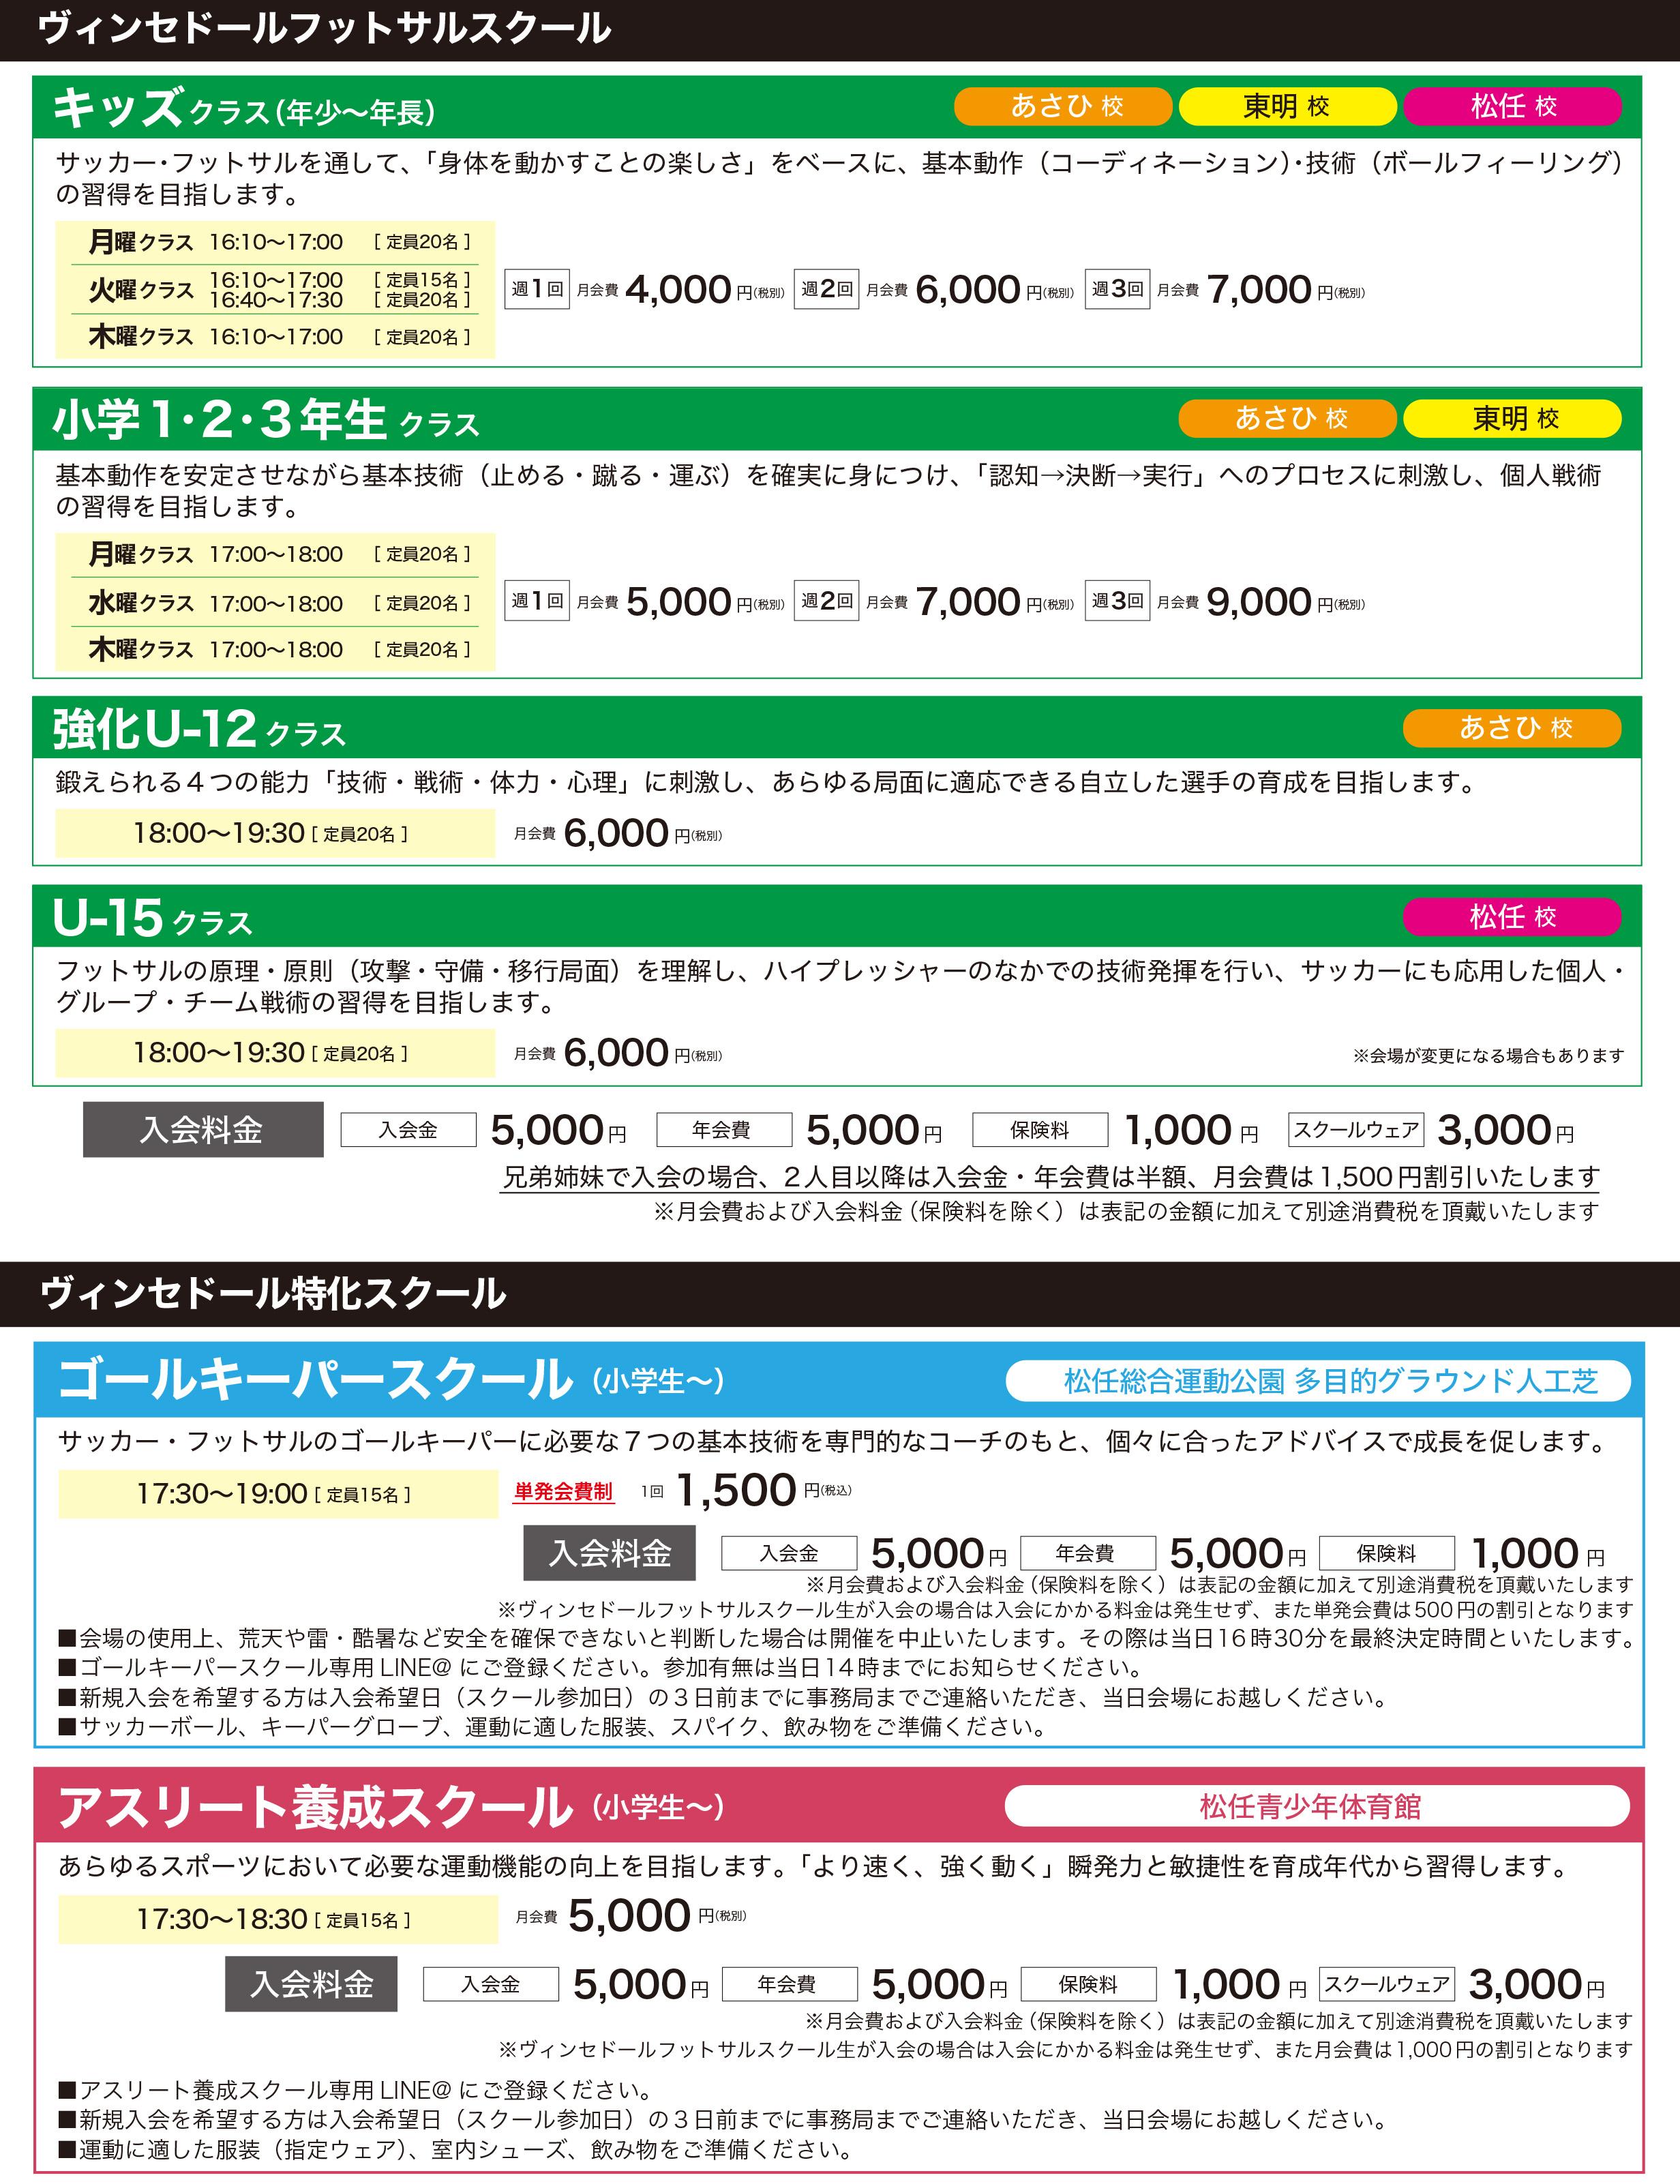 ★2020スクールガイド【更新】